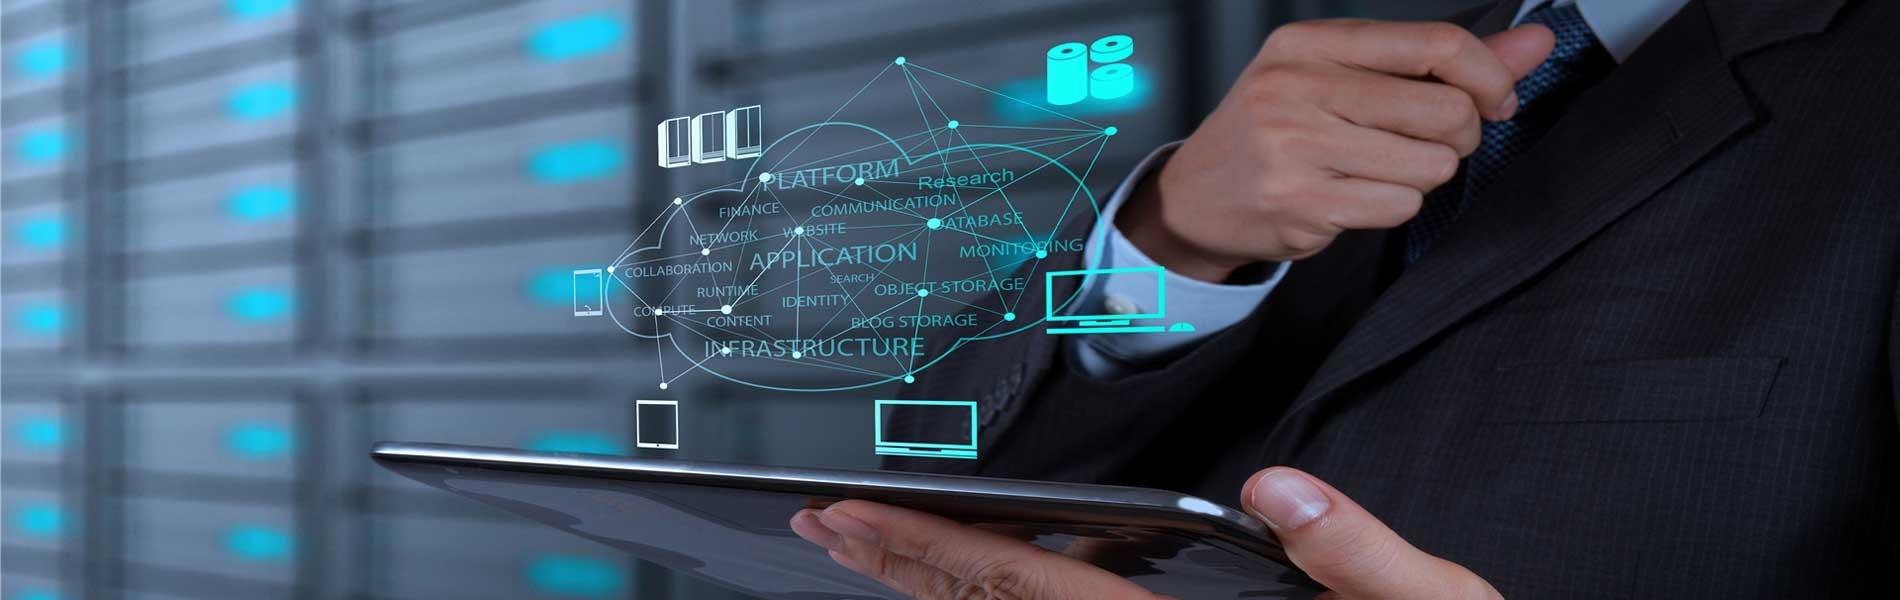 合肥小程序开发合肥app开发微信开发制作营销公司